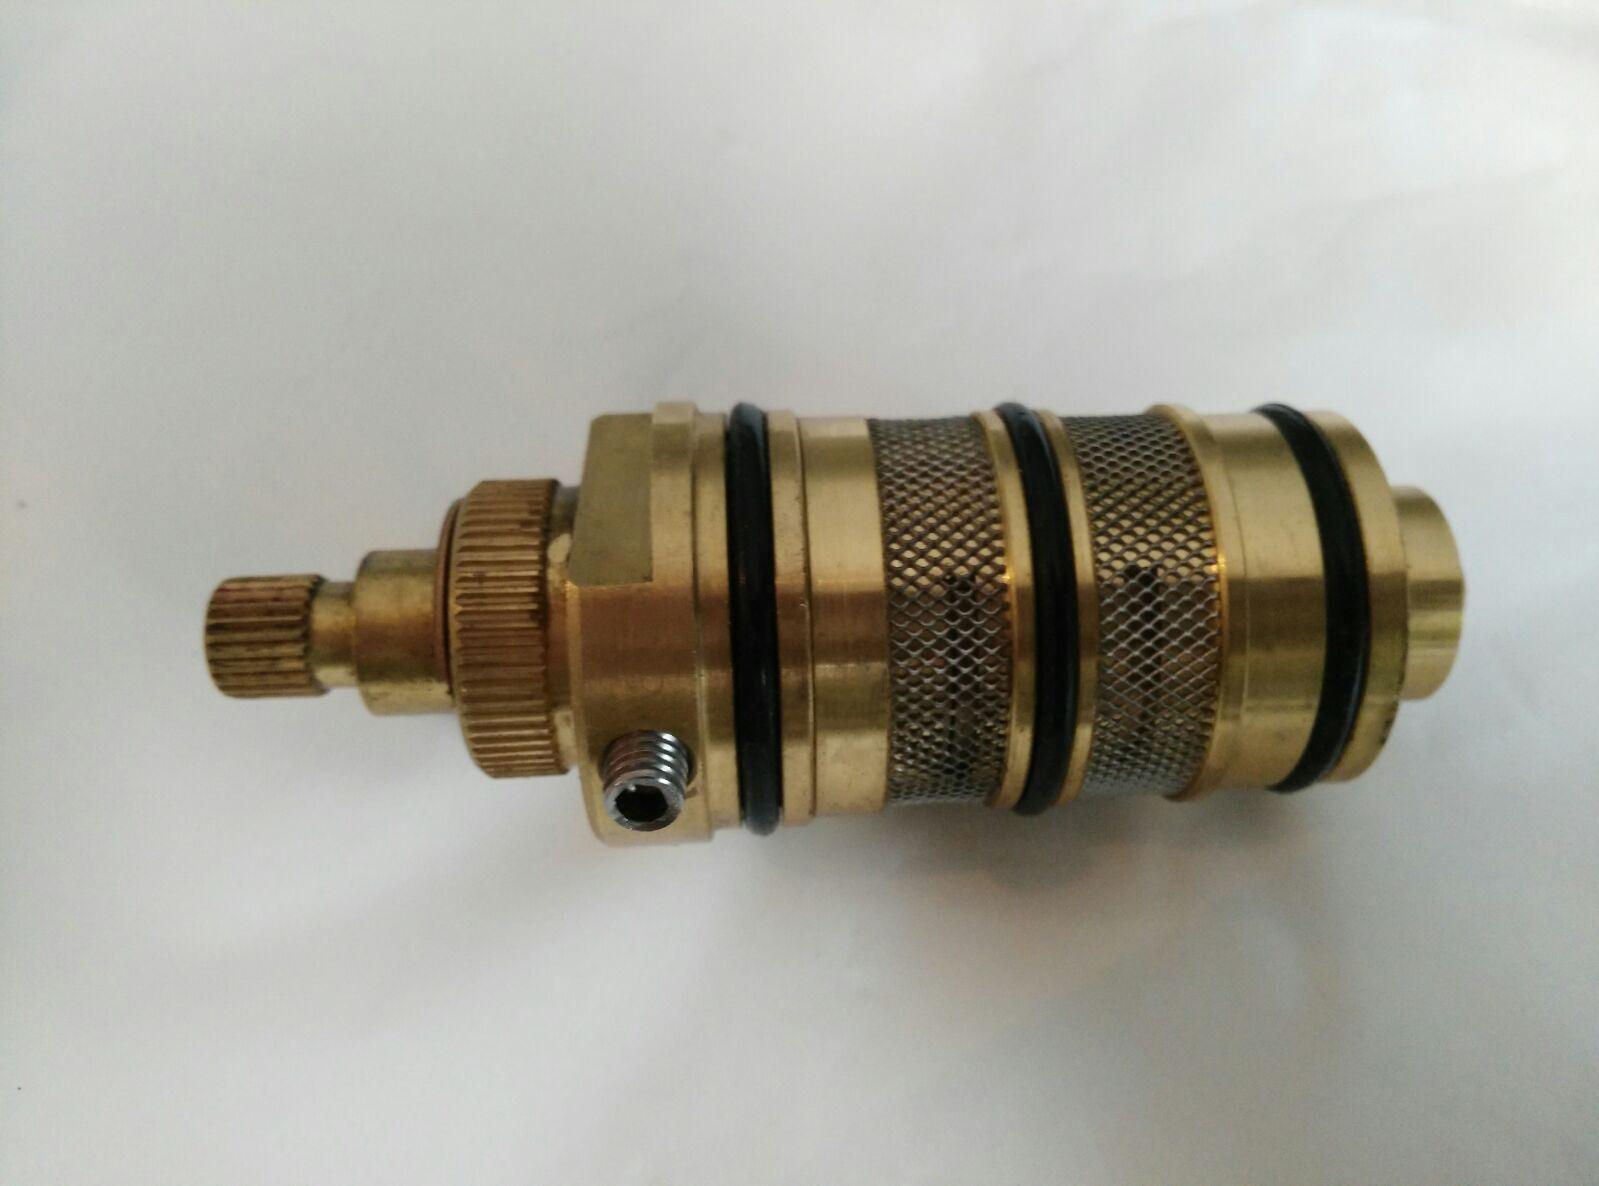 Remplacement Cartouche thermostatique pour robinets et raccords Value Value4